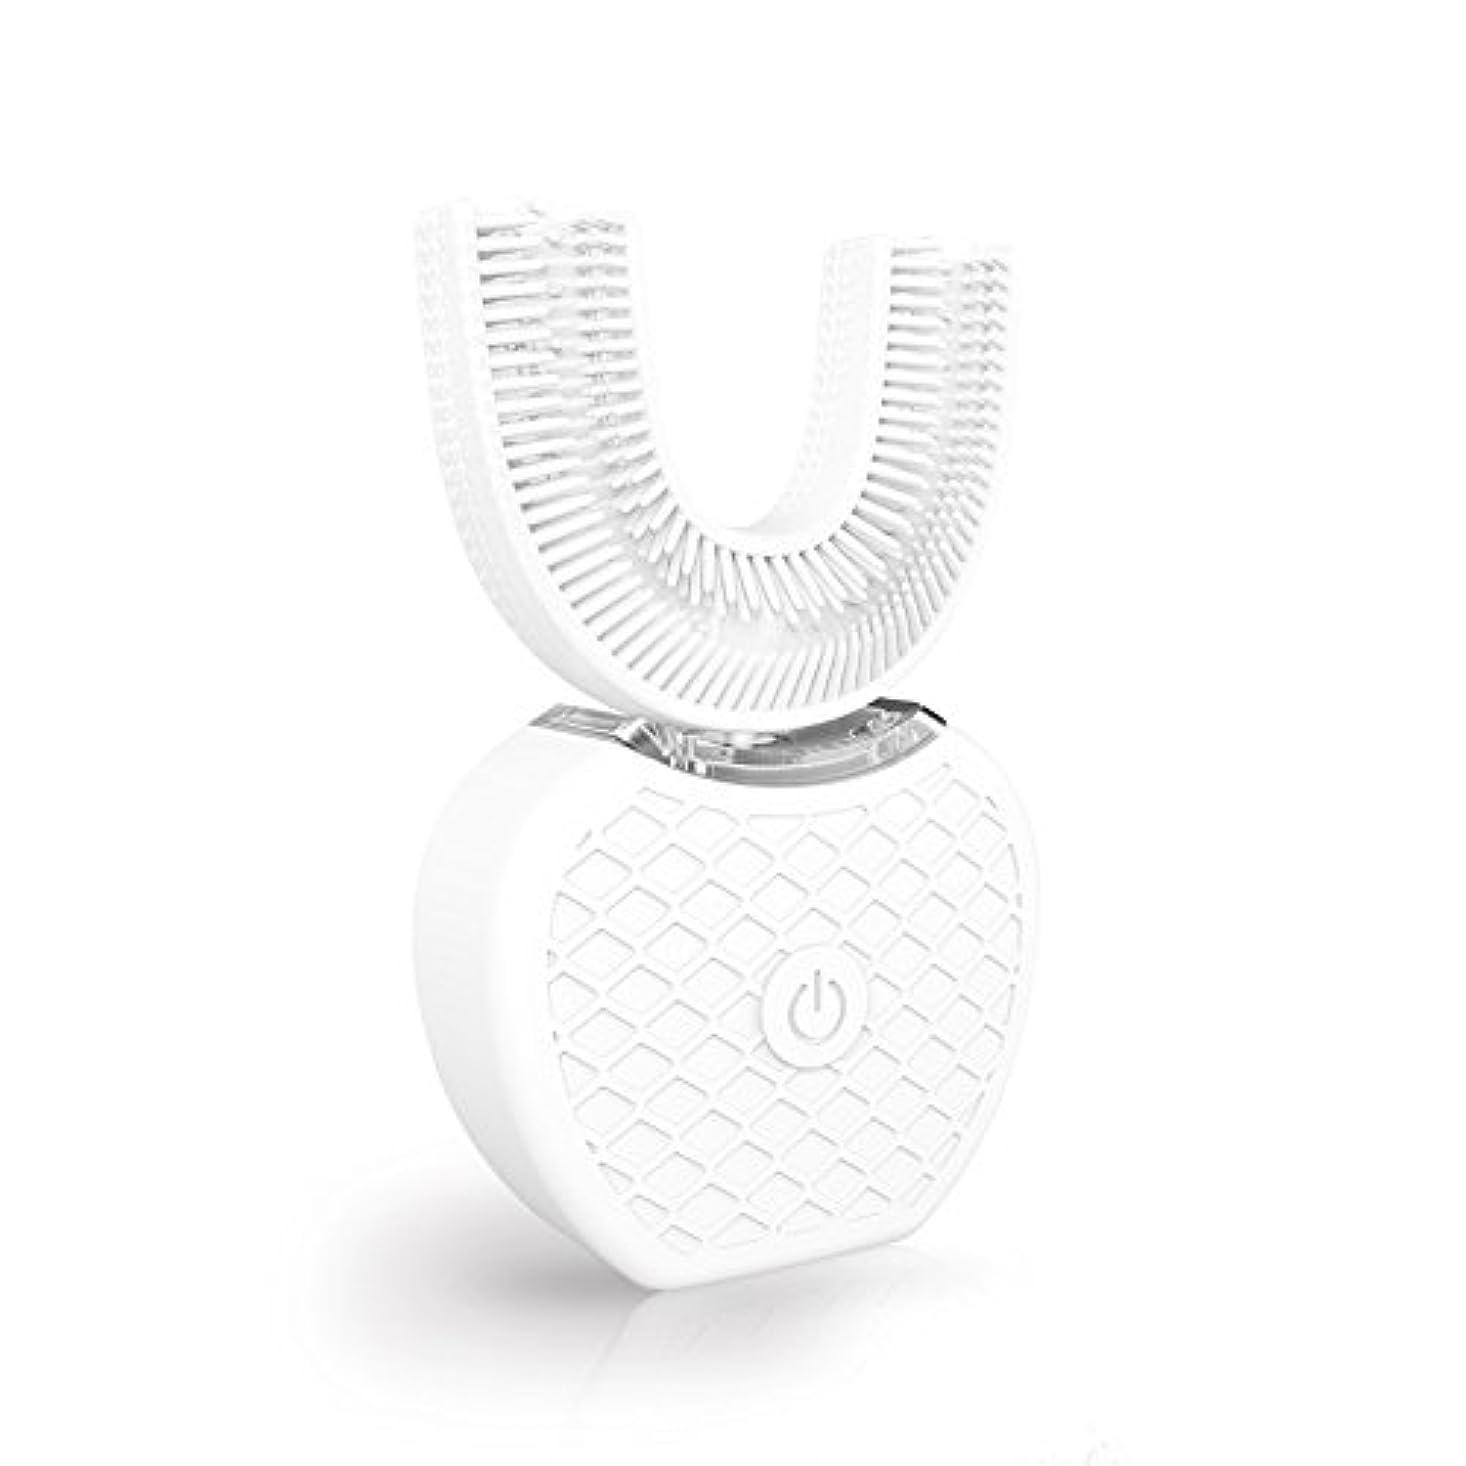 おとこピンポイント無視HANSHUMY 自動歯ブラシ 怠け者歯ブラシ ナノブルレー 電動 U型 超音波 専門360°全方位 4段調節 15秒に細菌清浄 IPX7レベル防水 自動 歯ブラシ ホワイト